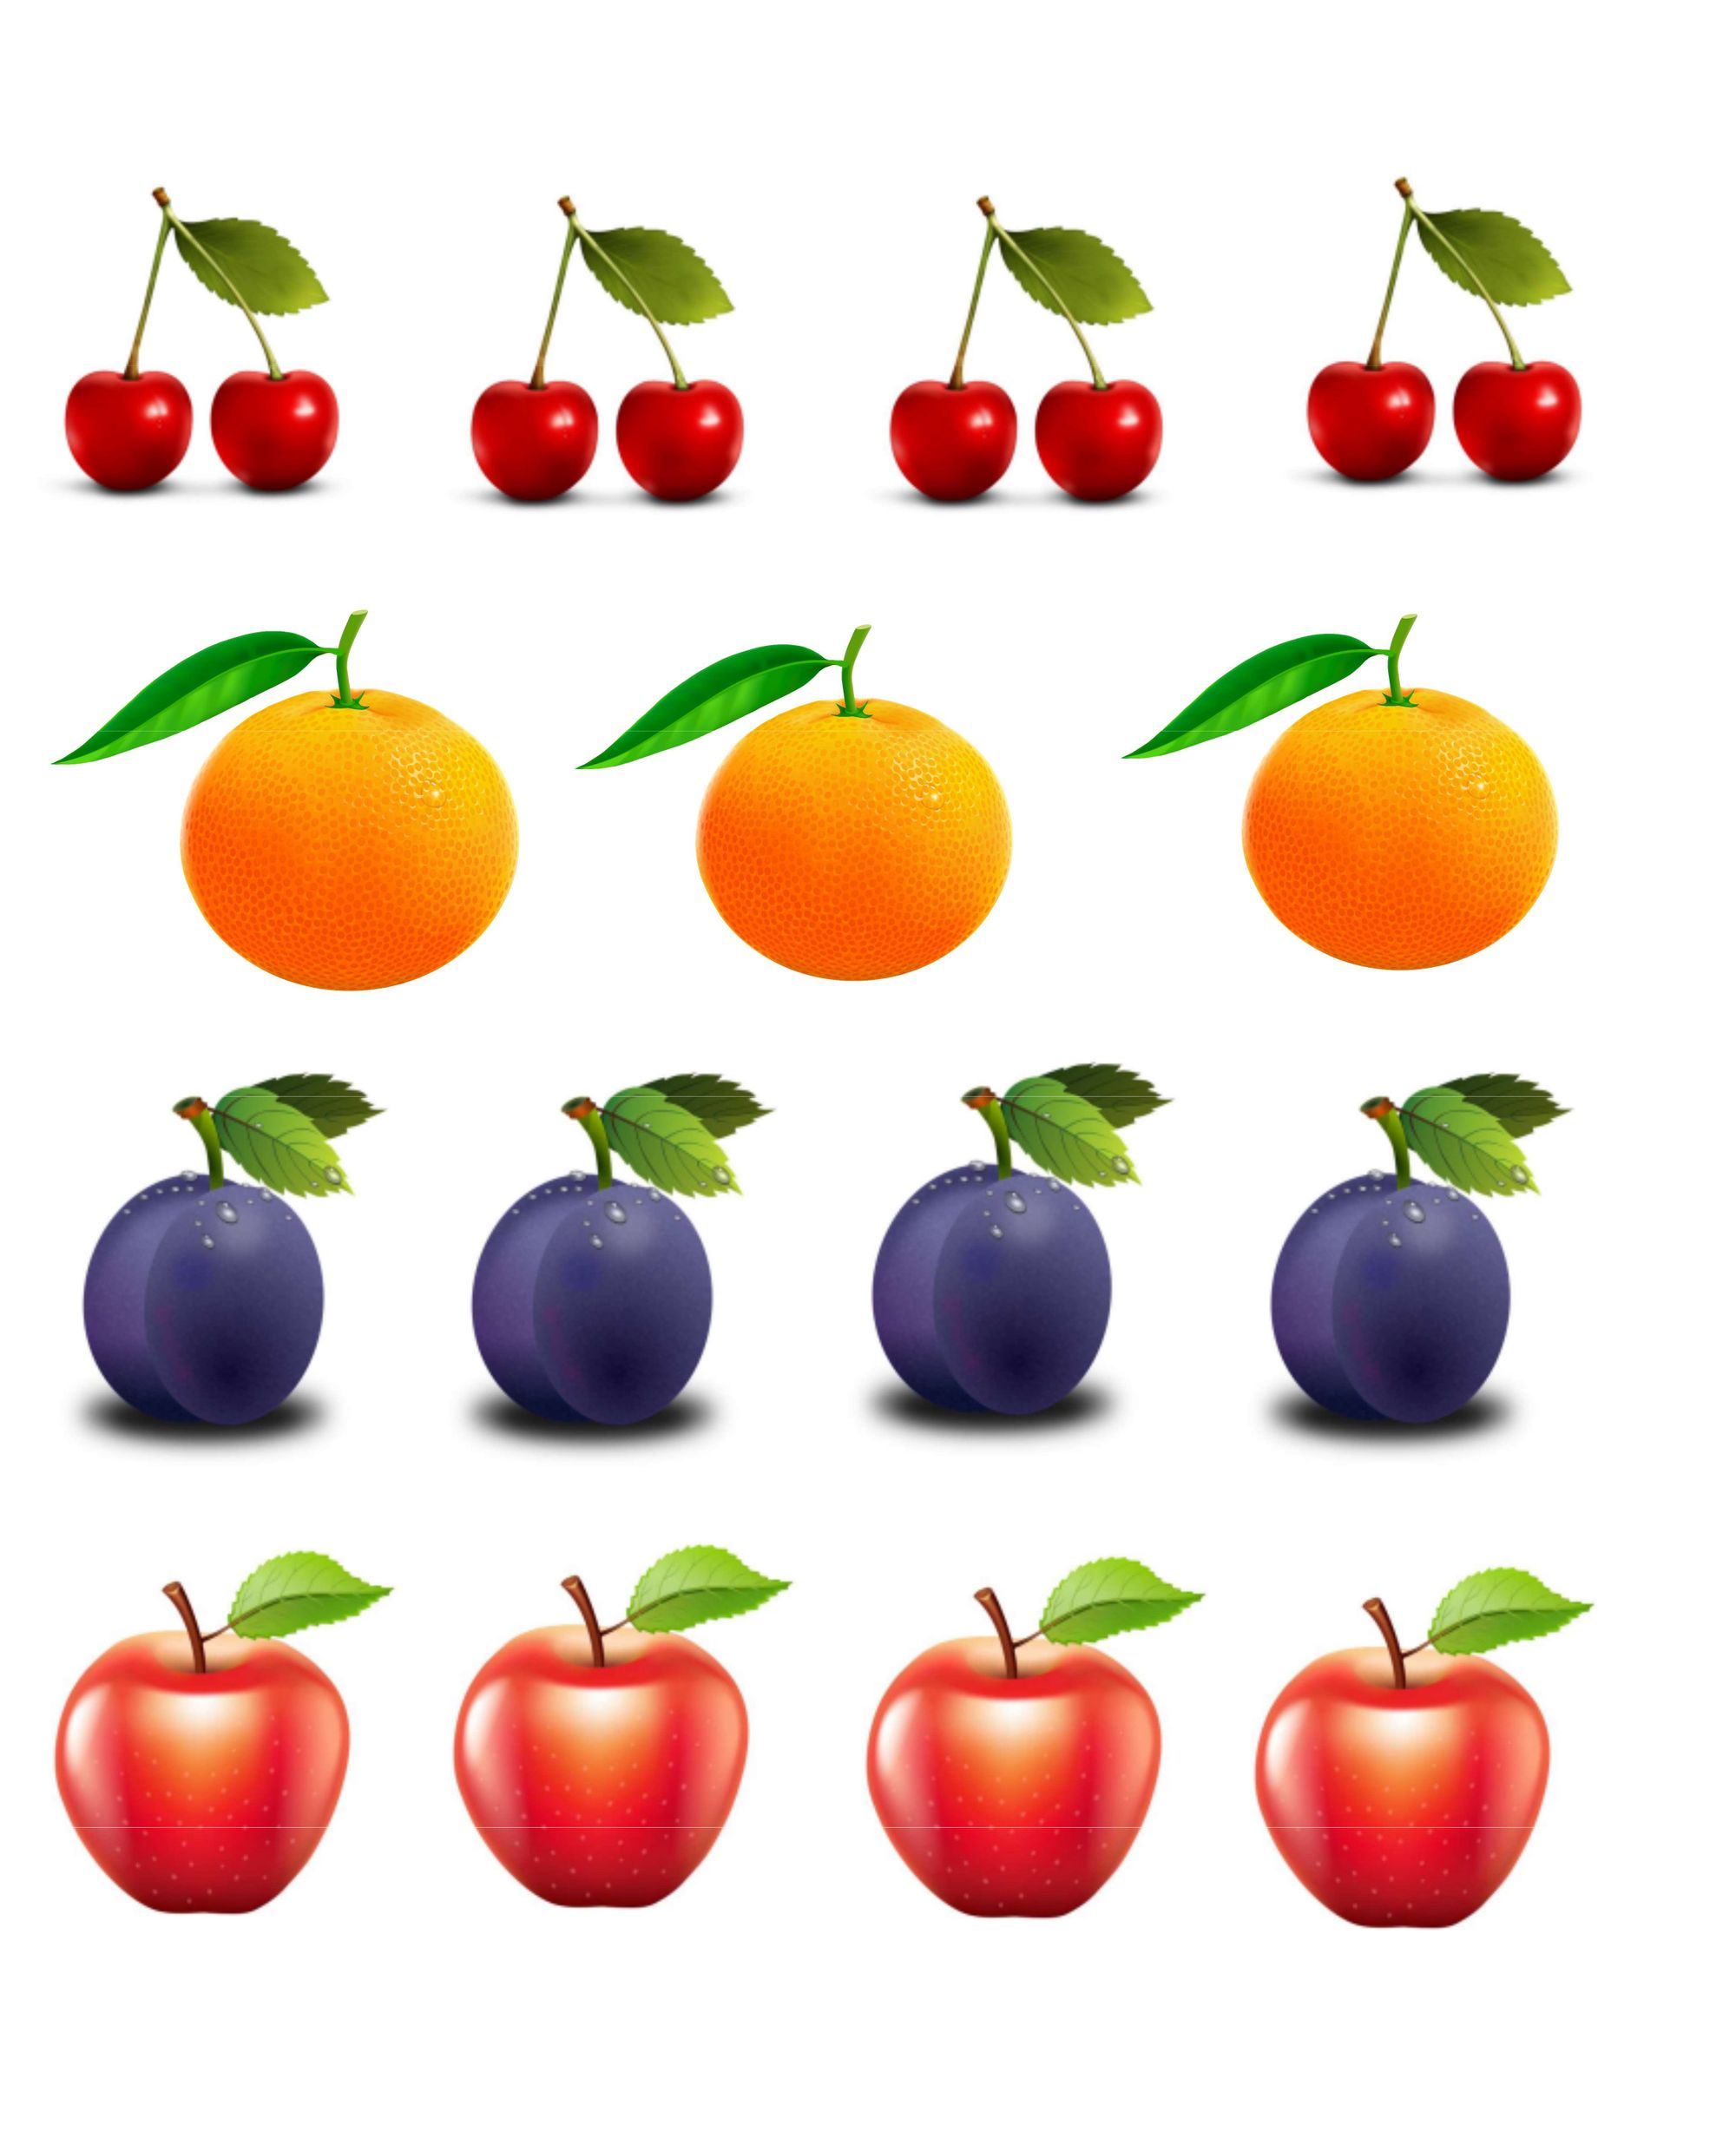 Раздаточный материал яблоки картинки